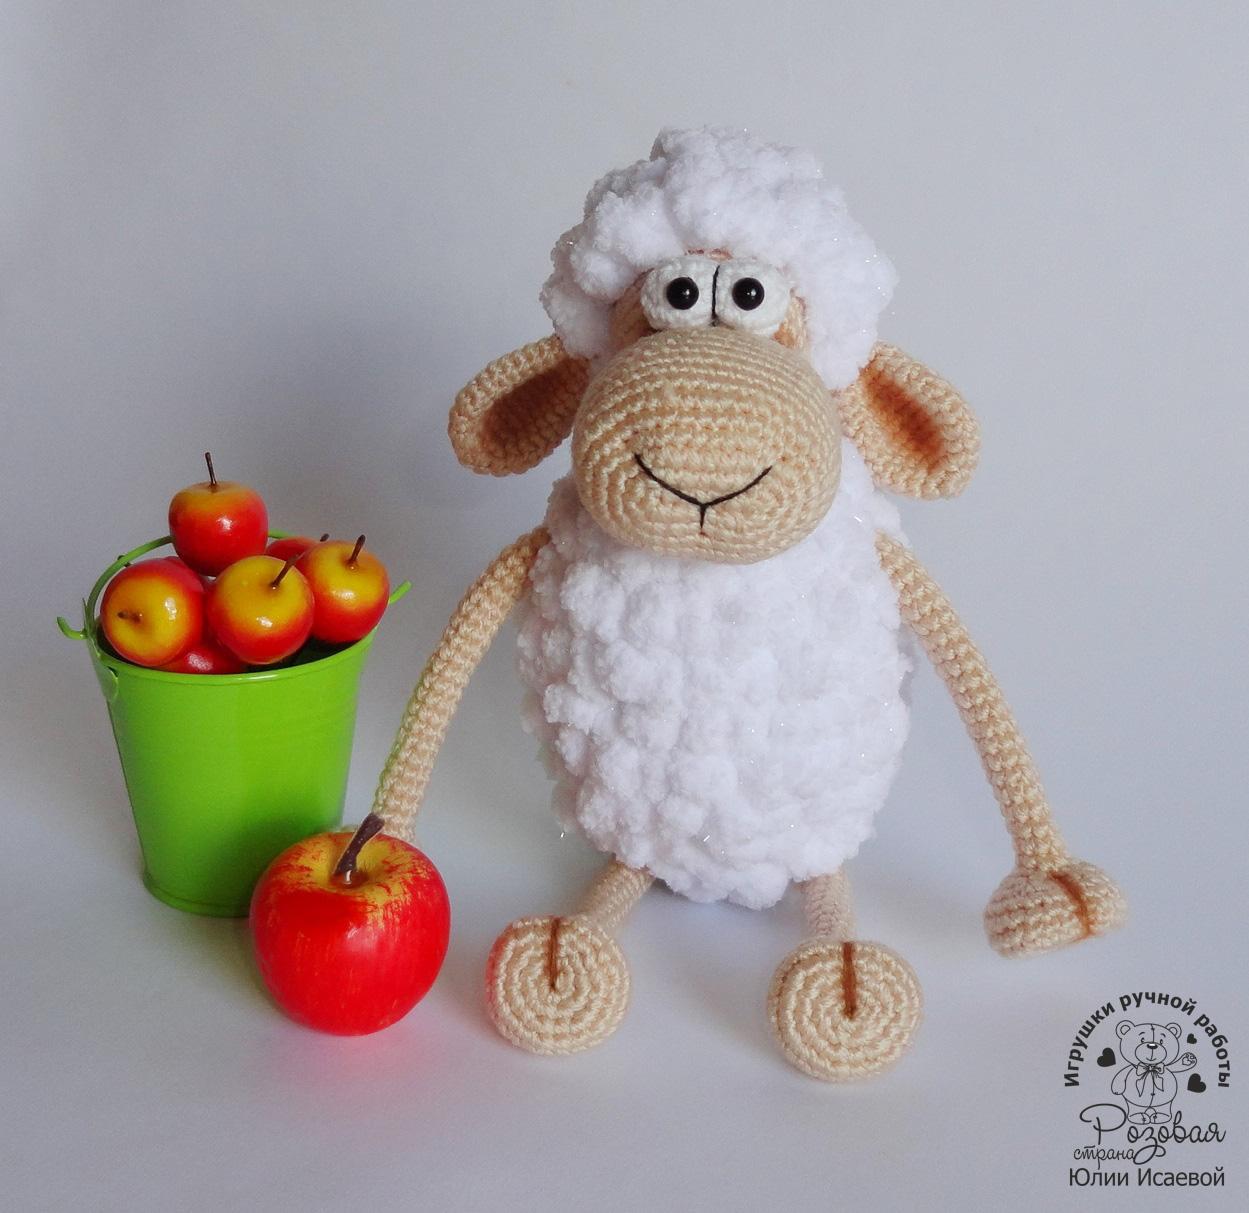 игрушка вязаная, амигуруми,игрушка ручной работы, рукоделие, ярмарка мастеров, связано крючком, croshet, knitting